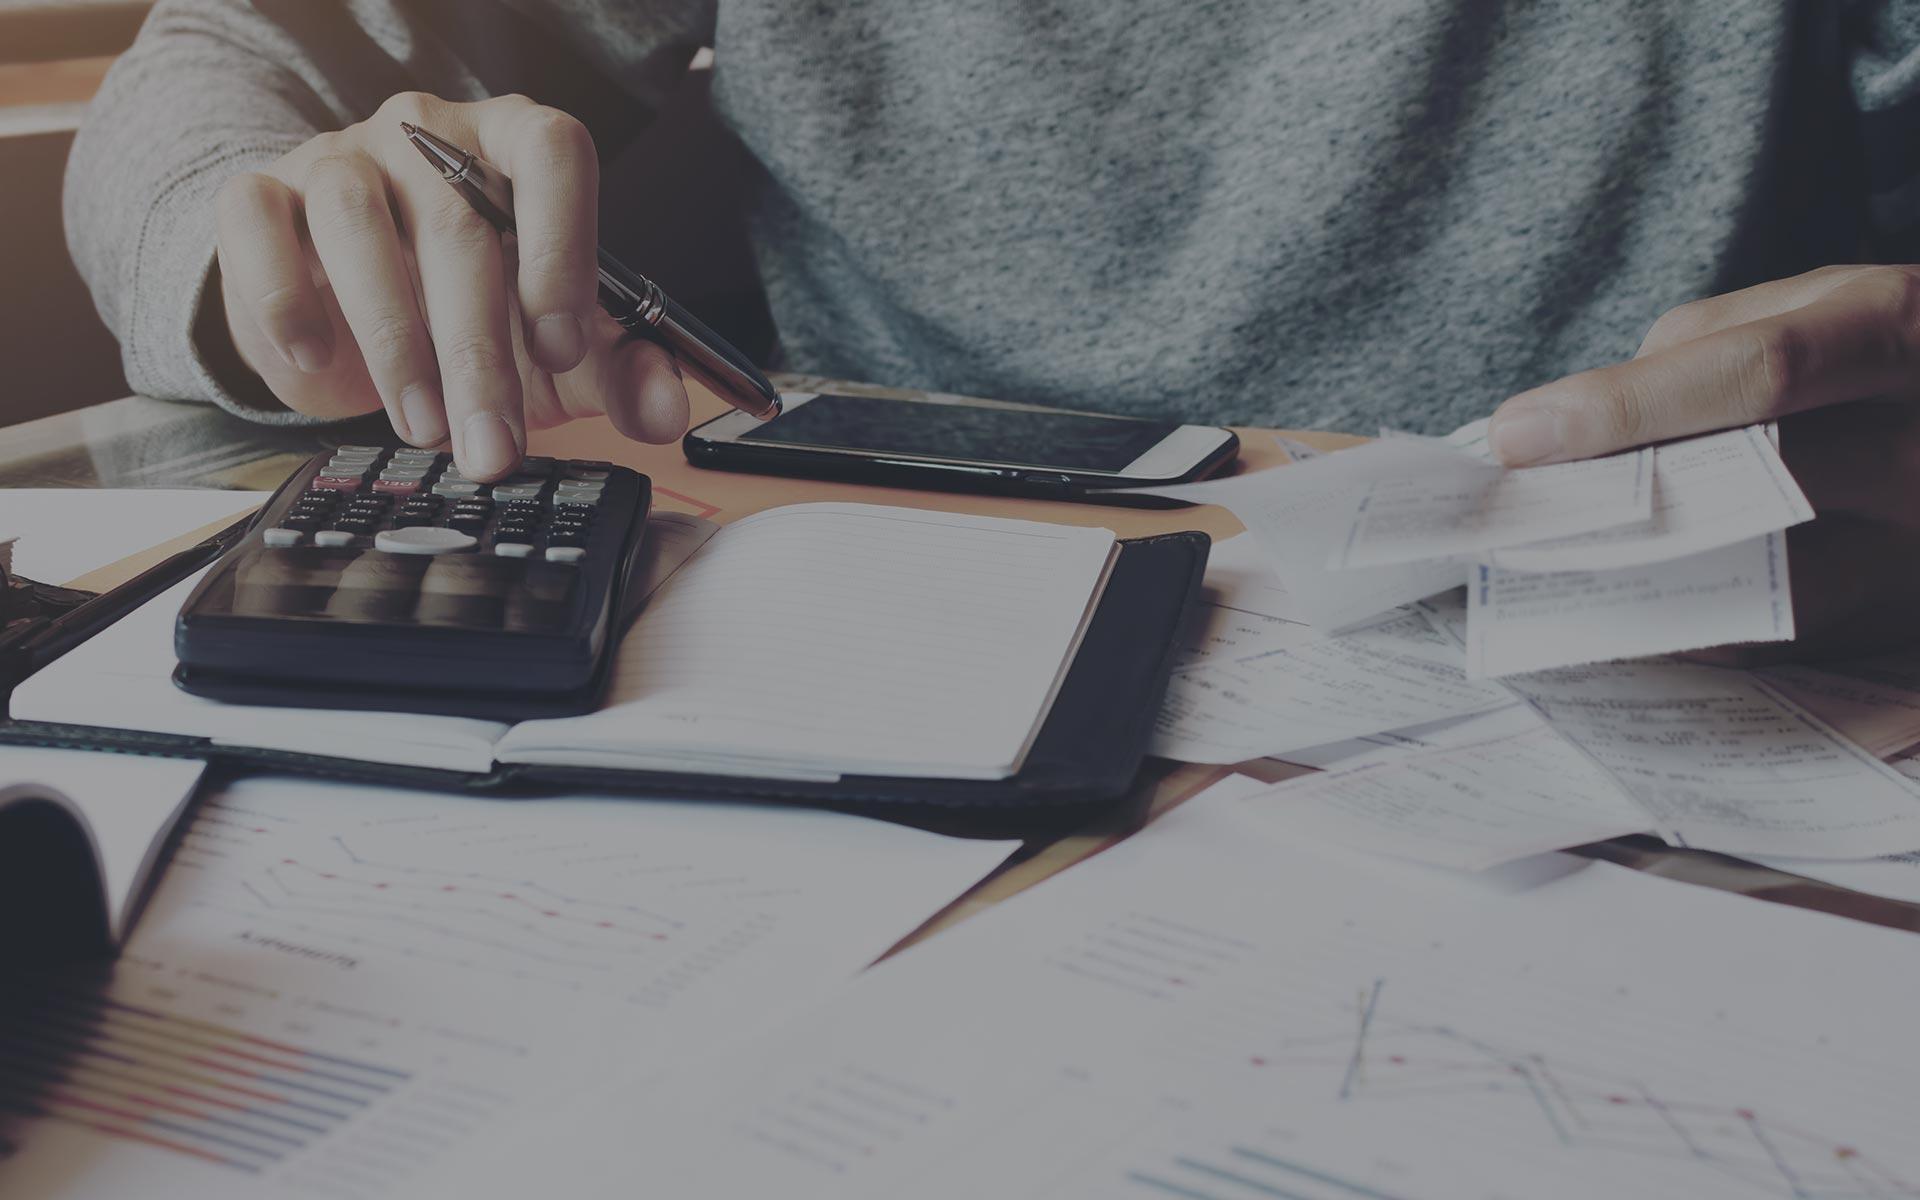 vult liever een belastingaangifte in dan een presentatie te moeten bijwonen